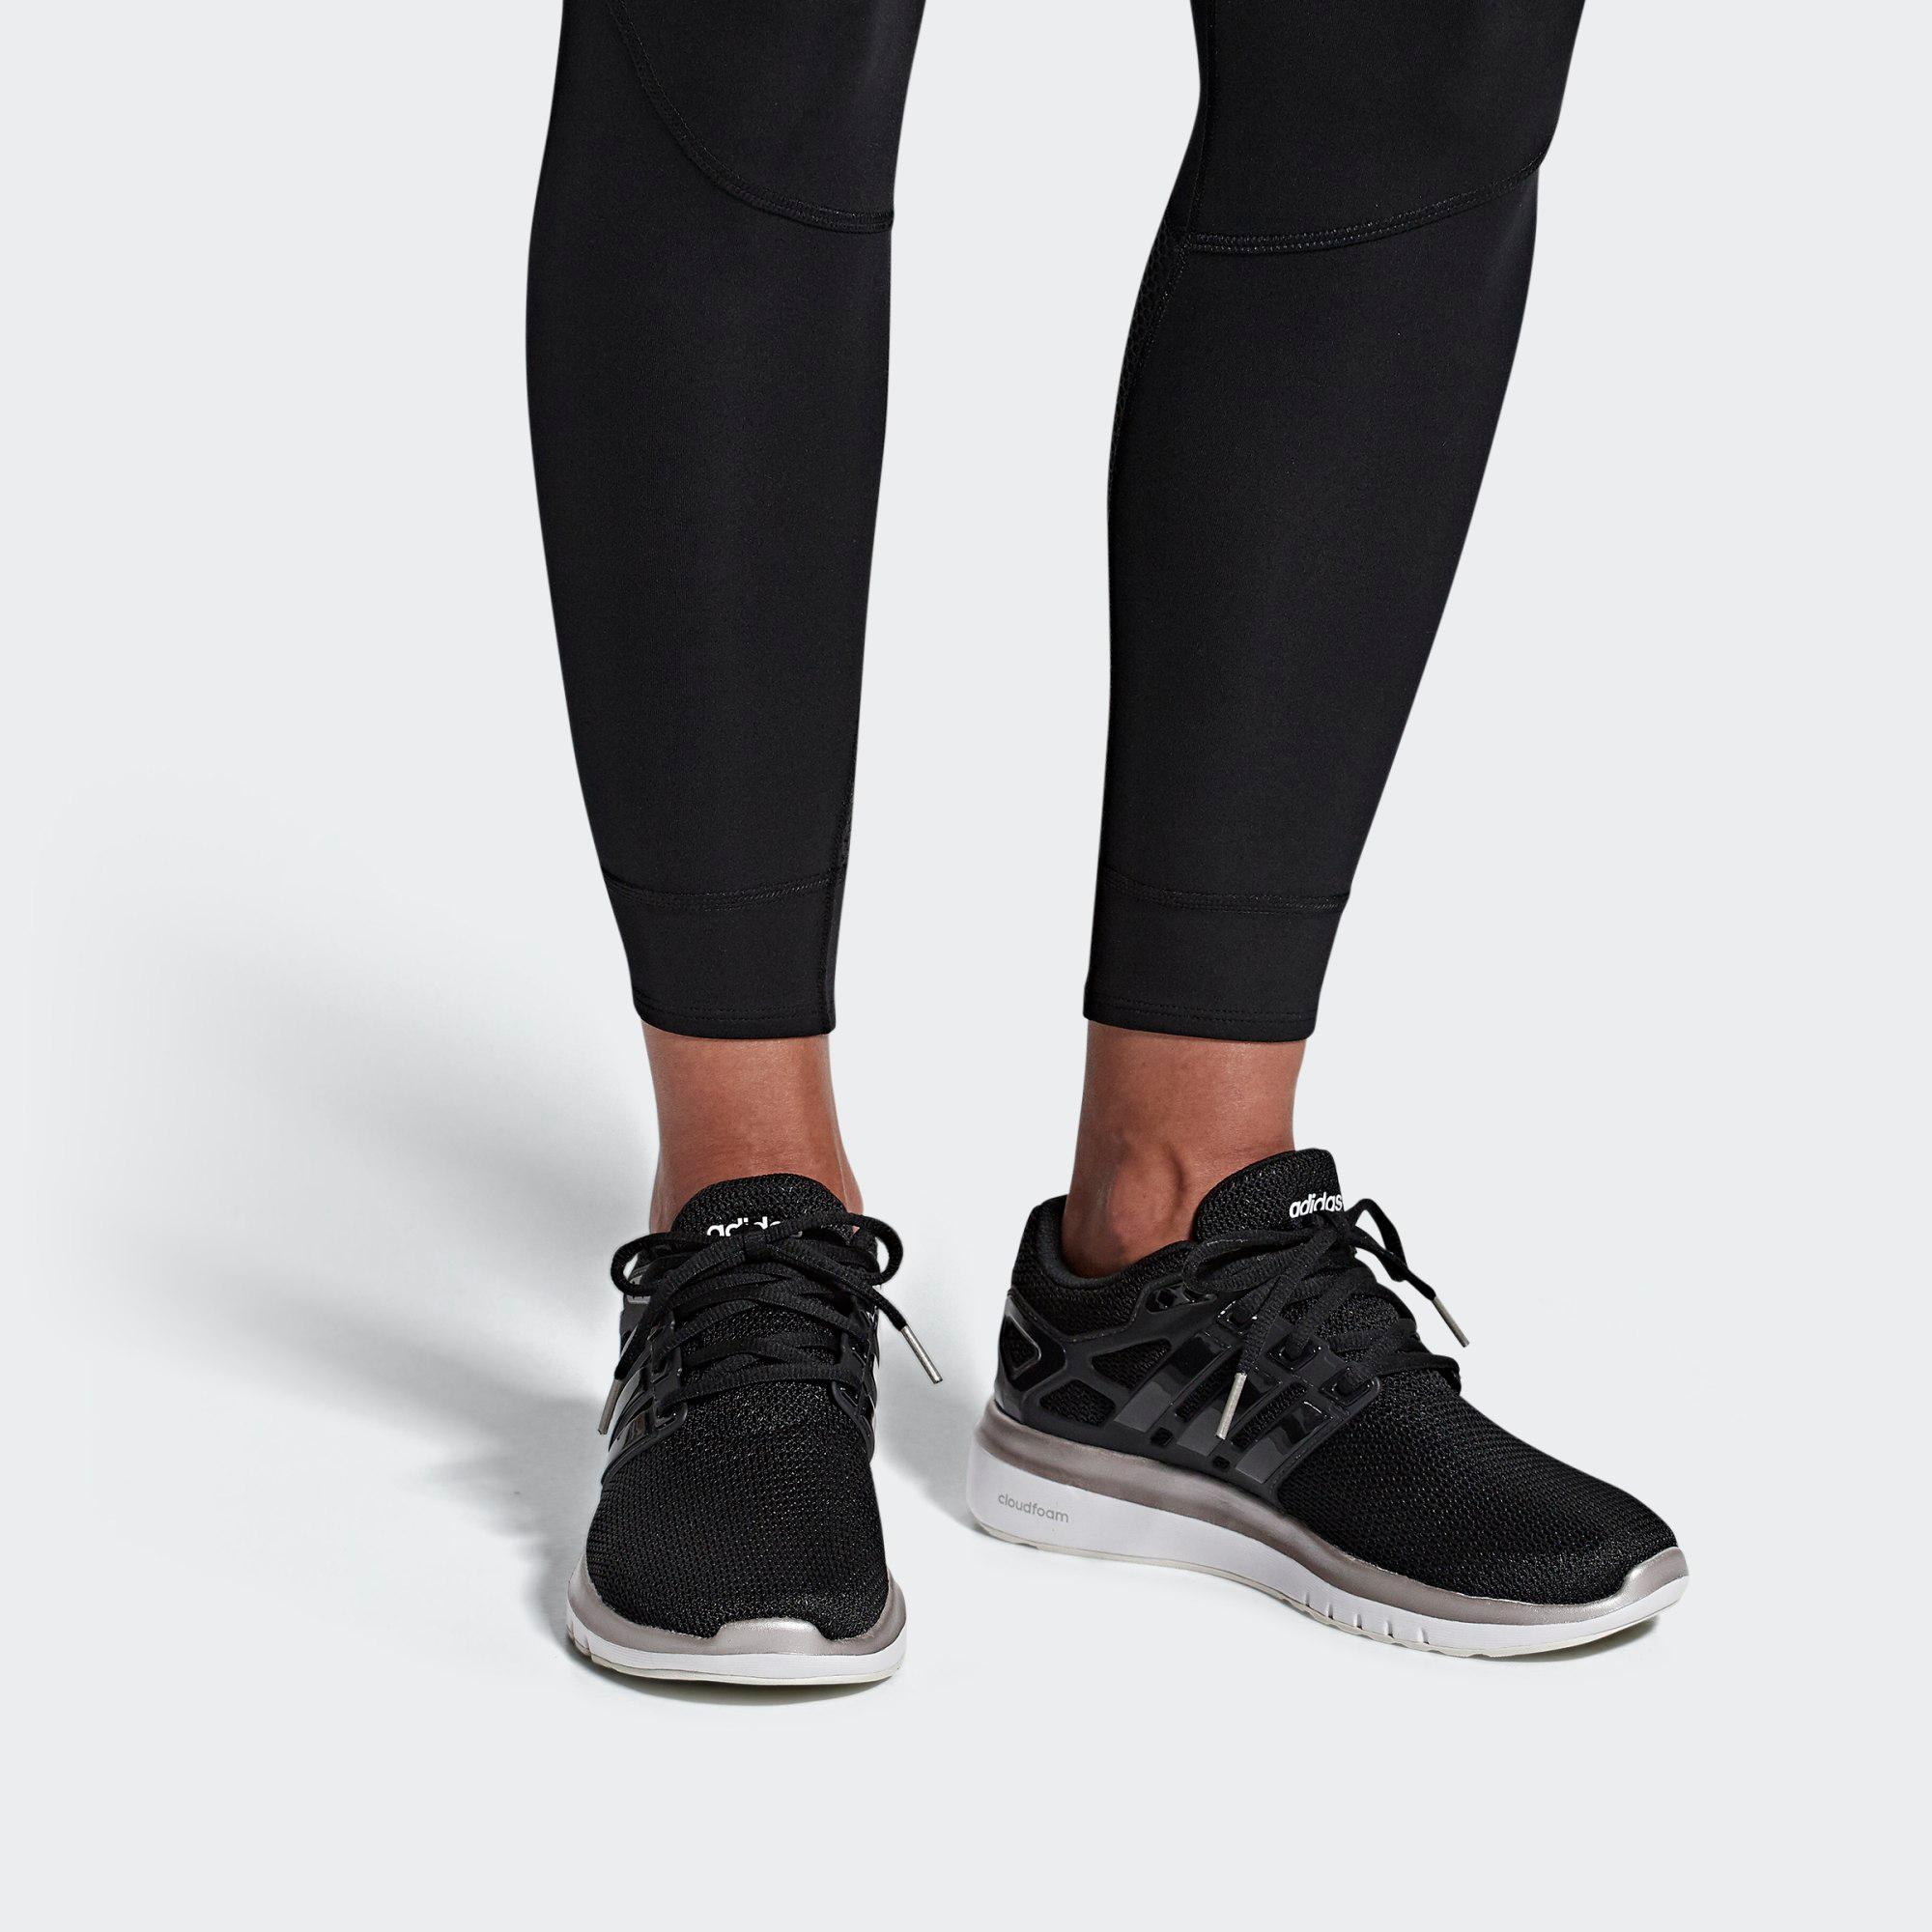 Schuhe Sportscheck Adidas Adidas Damen Sportscheck N8mnwyv0OP